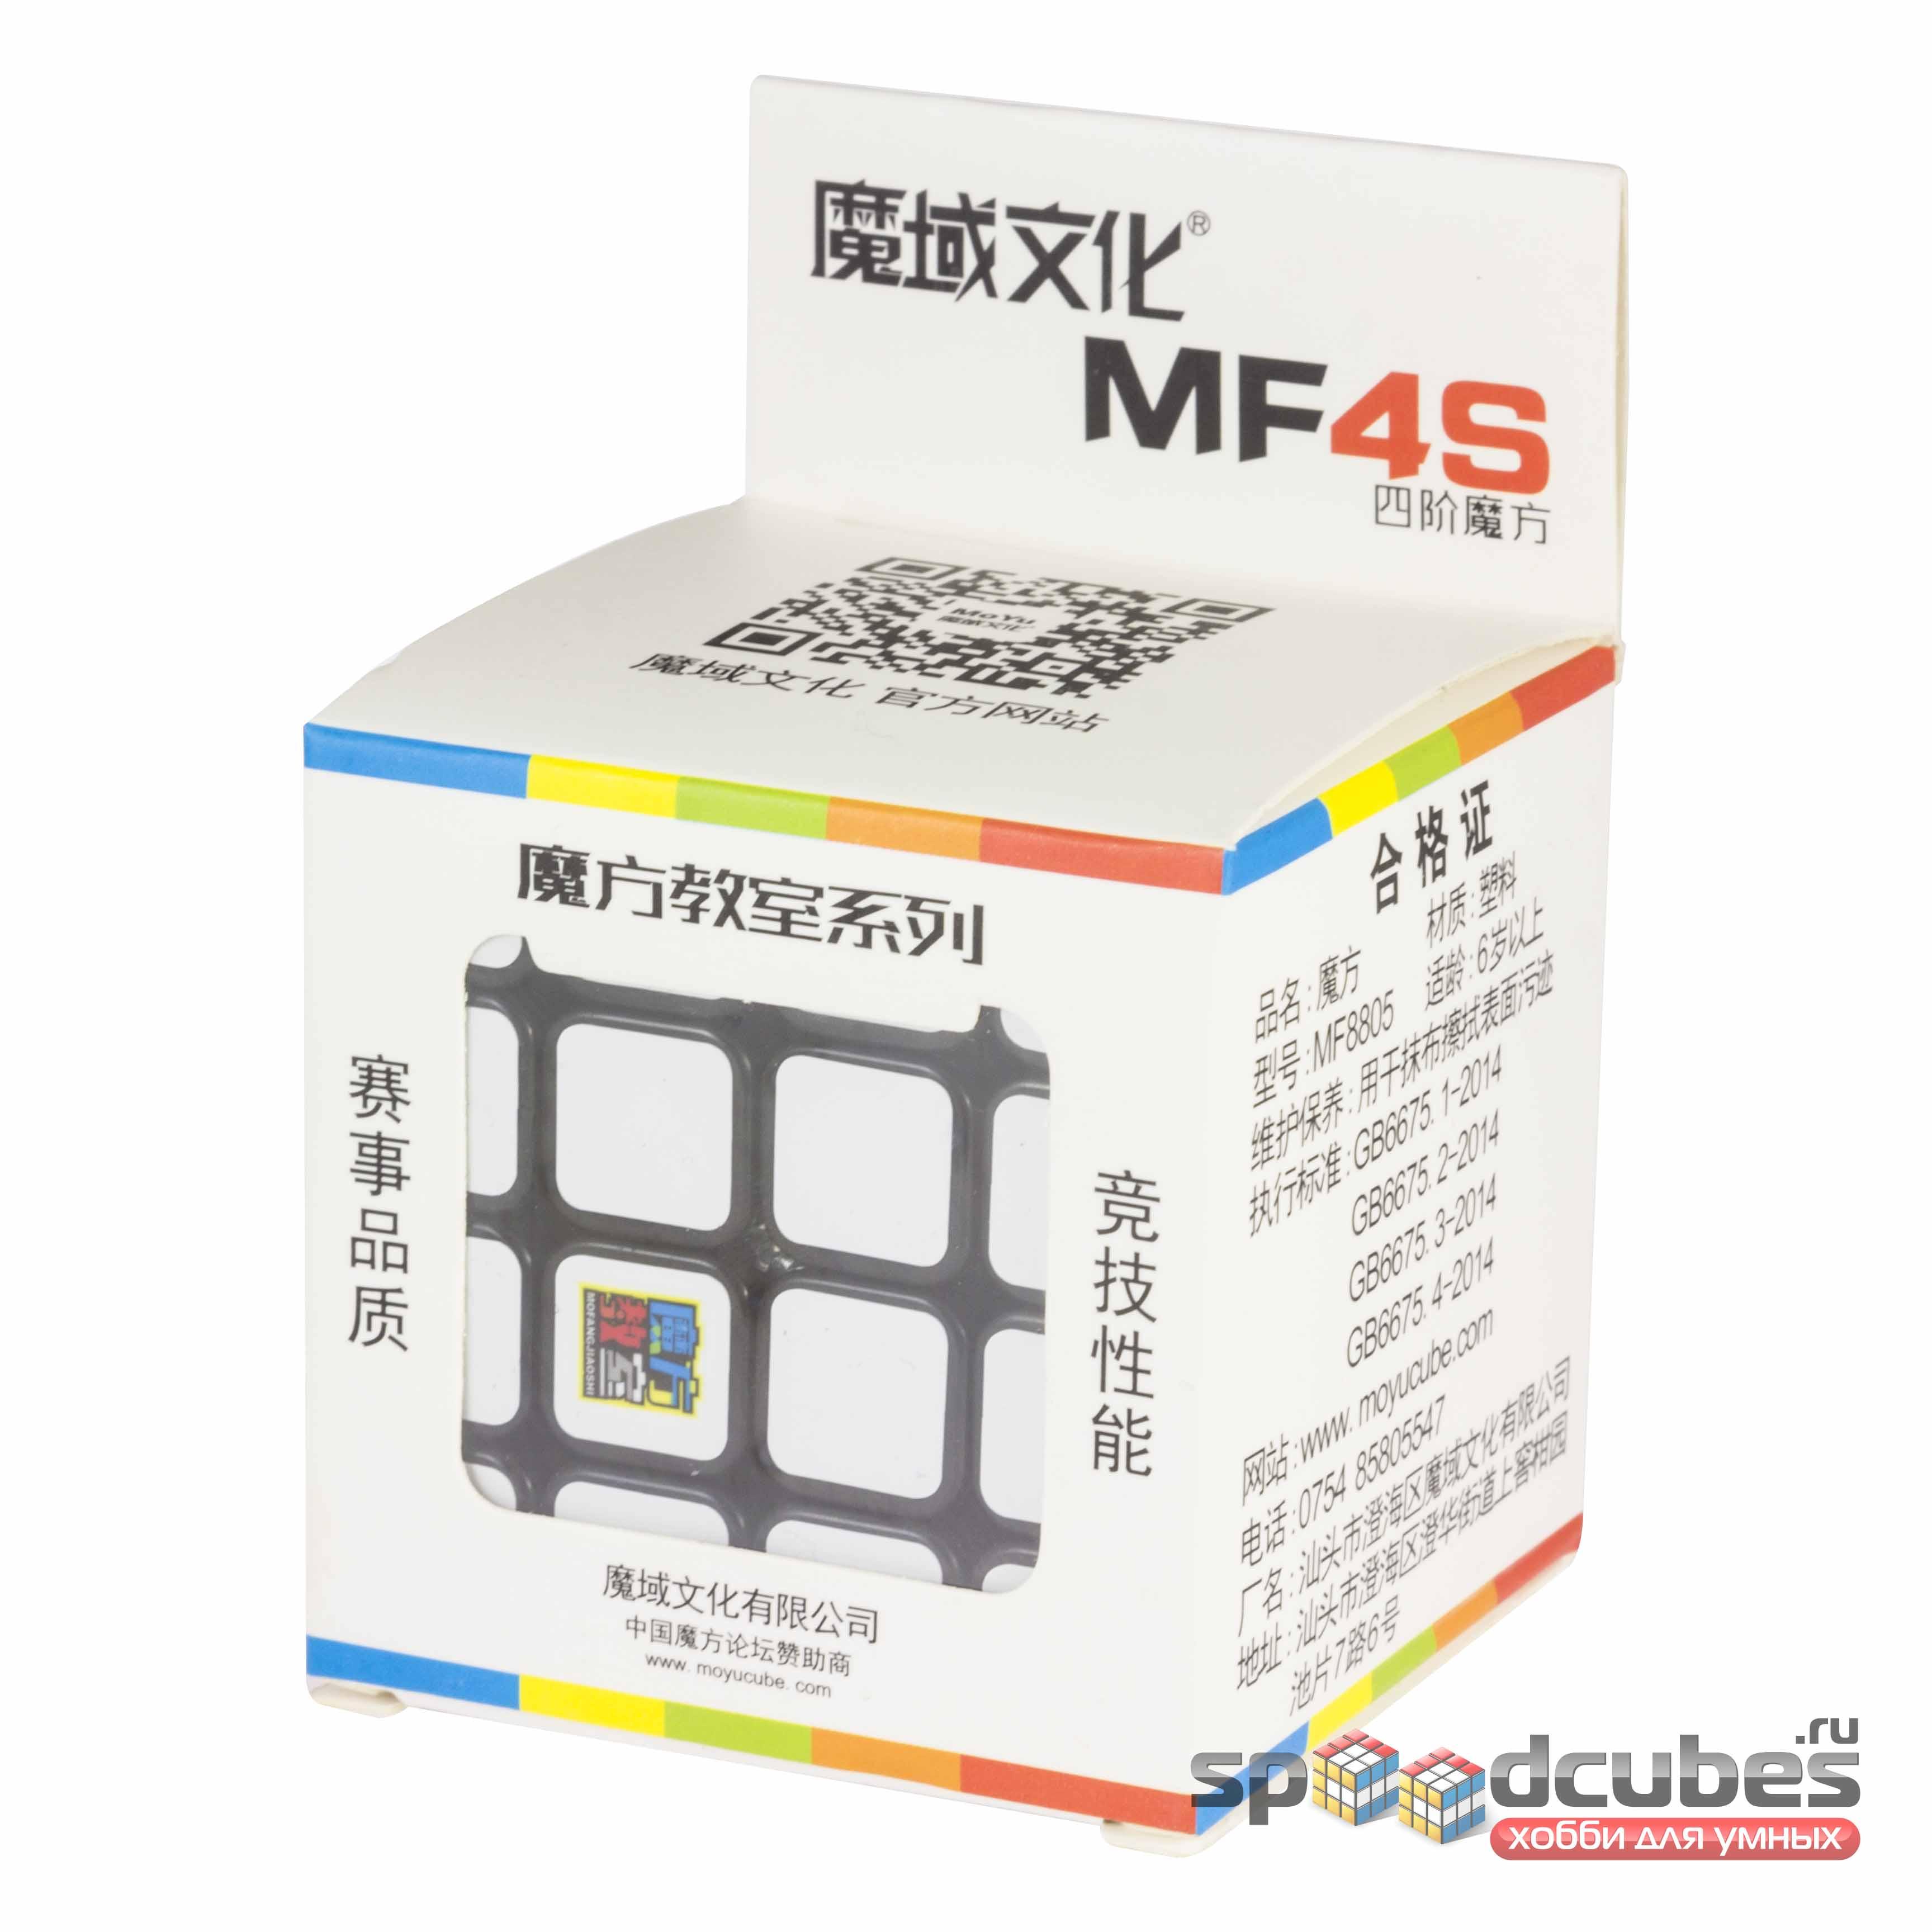 MoYu 4x4x4 MofangJiaoshi MF4s 1